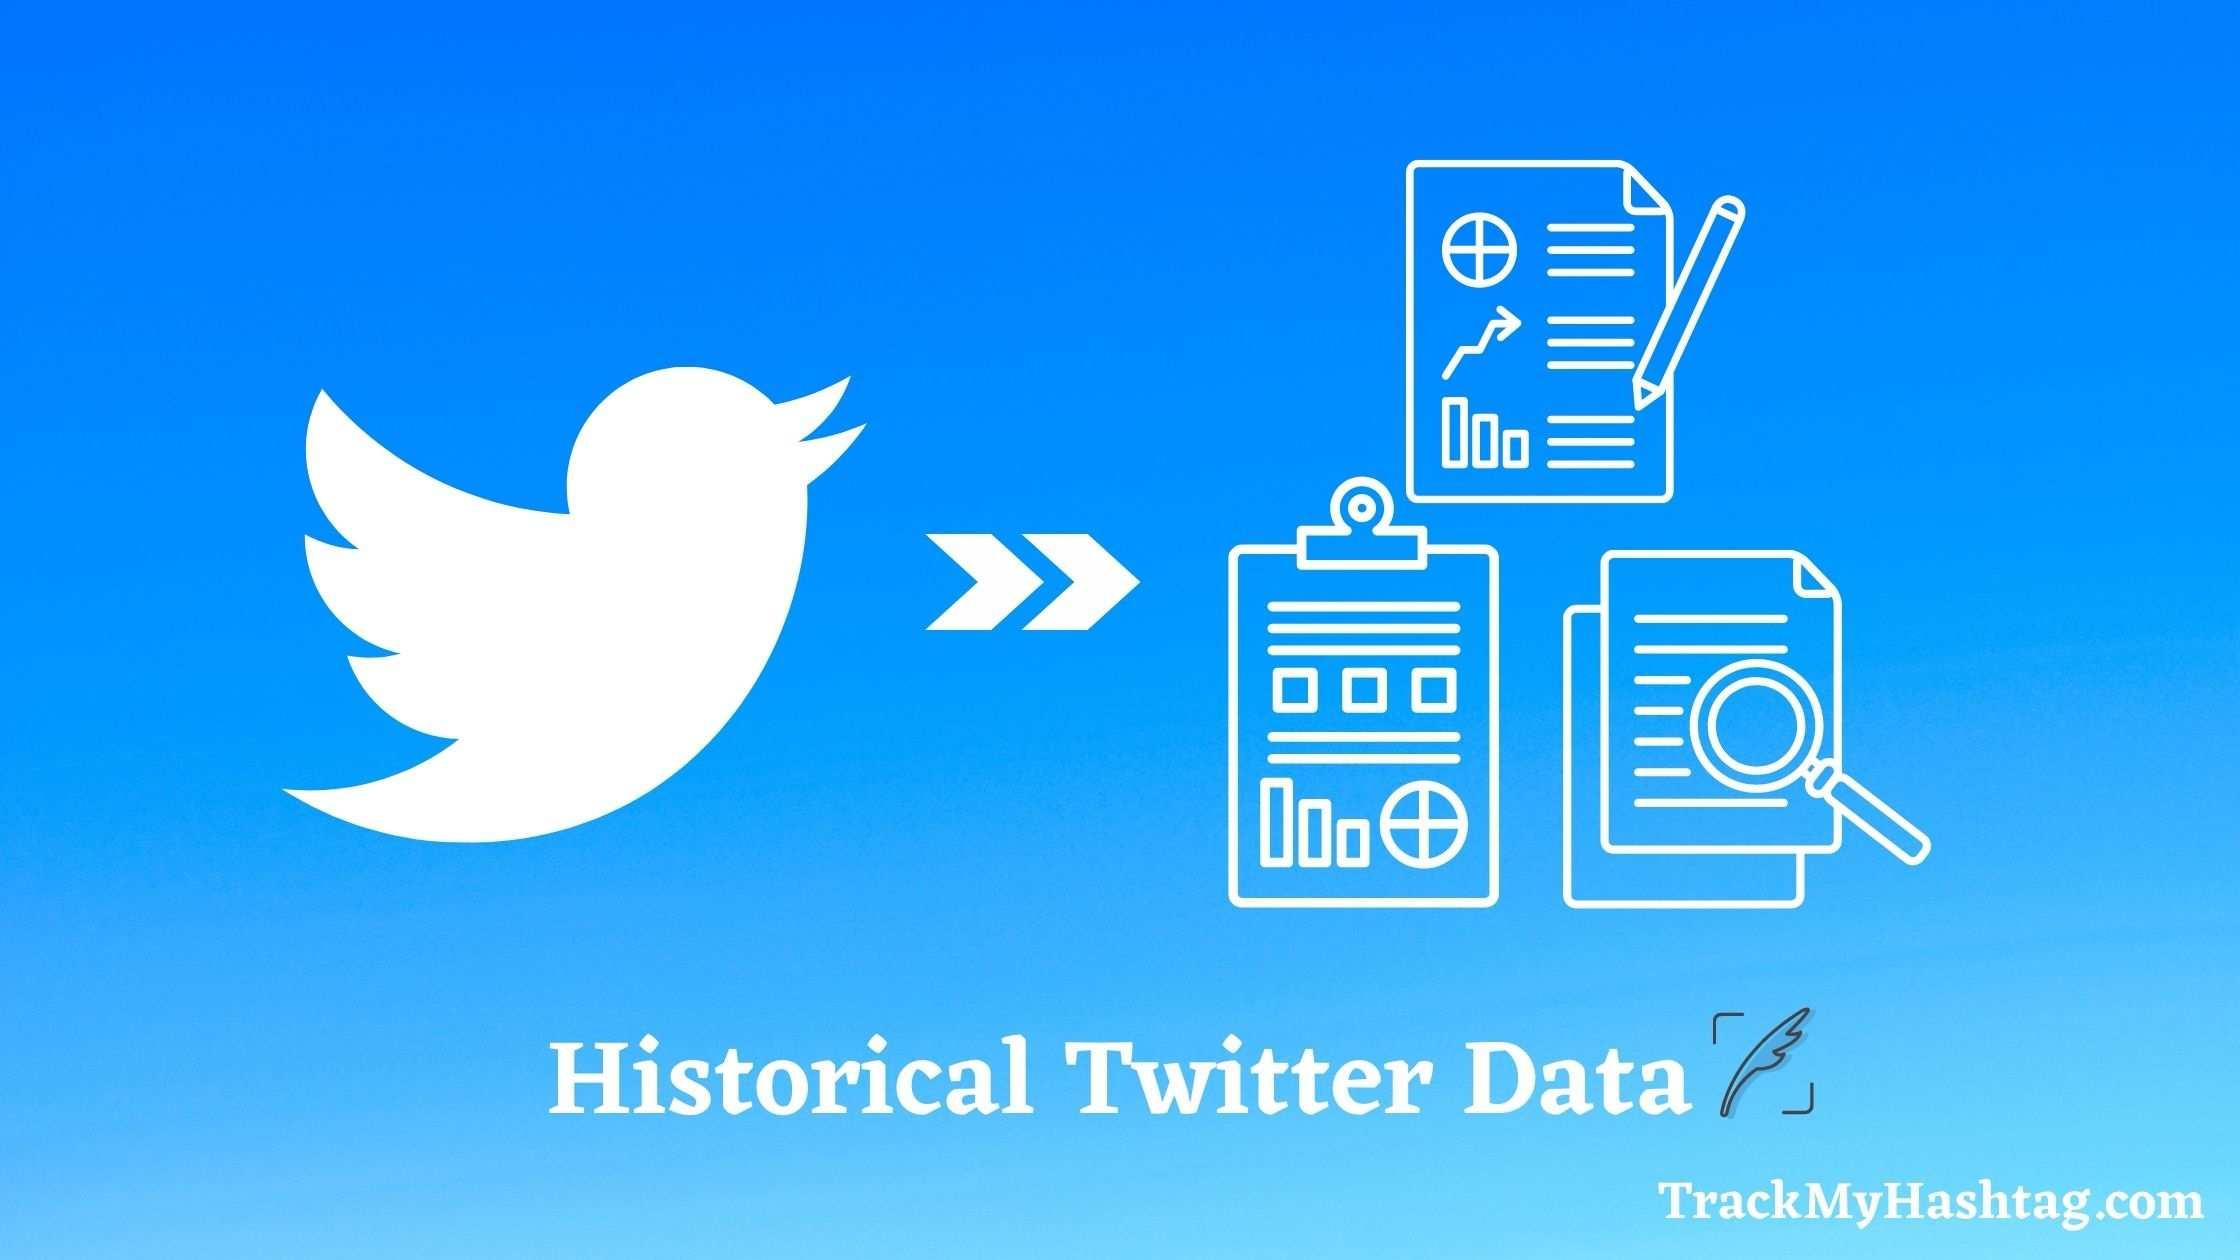 historical Twitter data blog banner